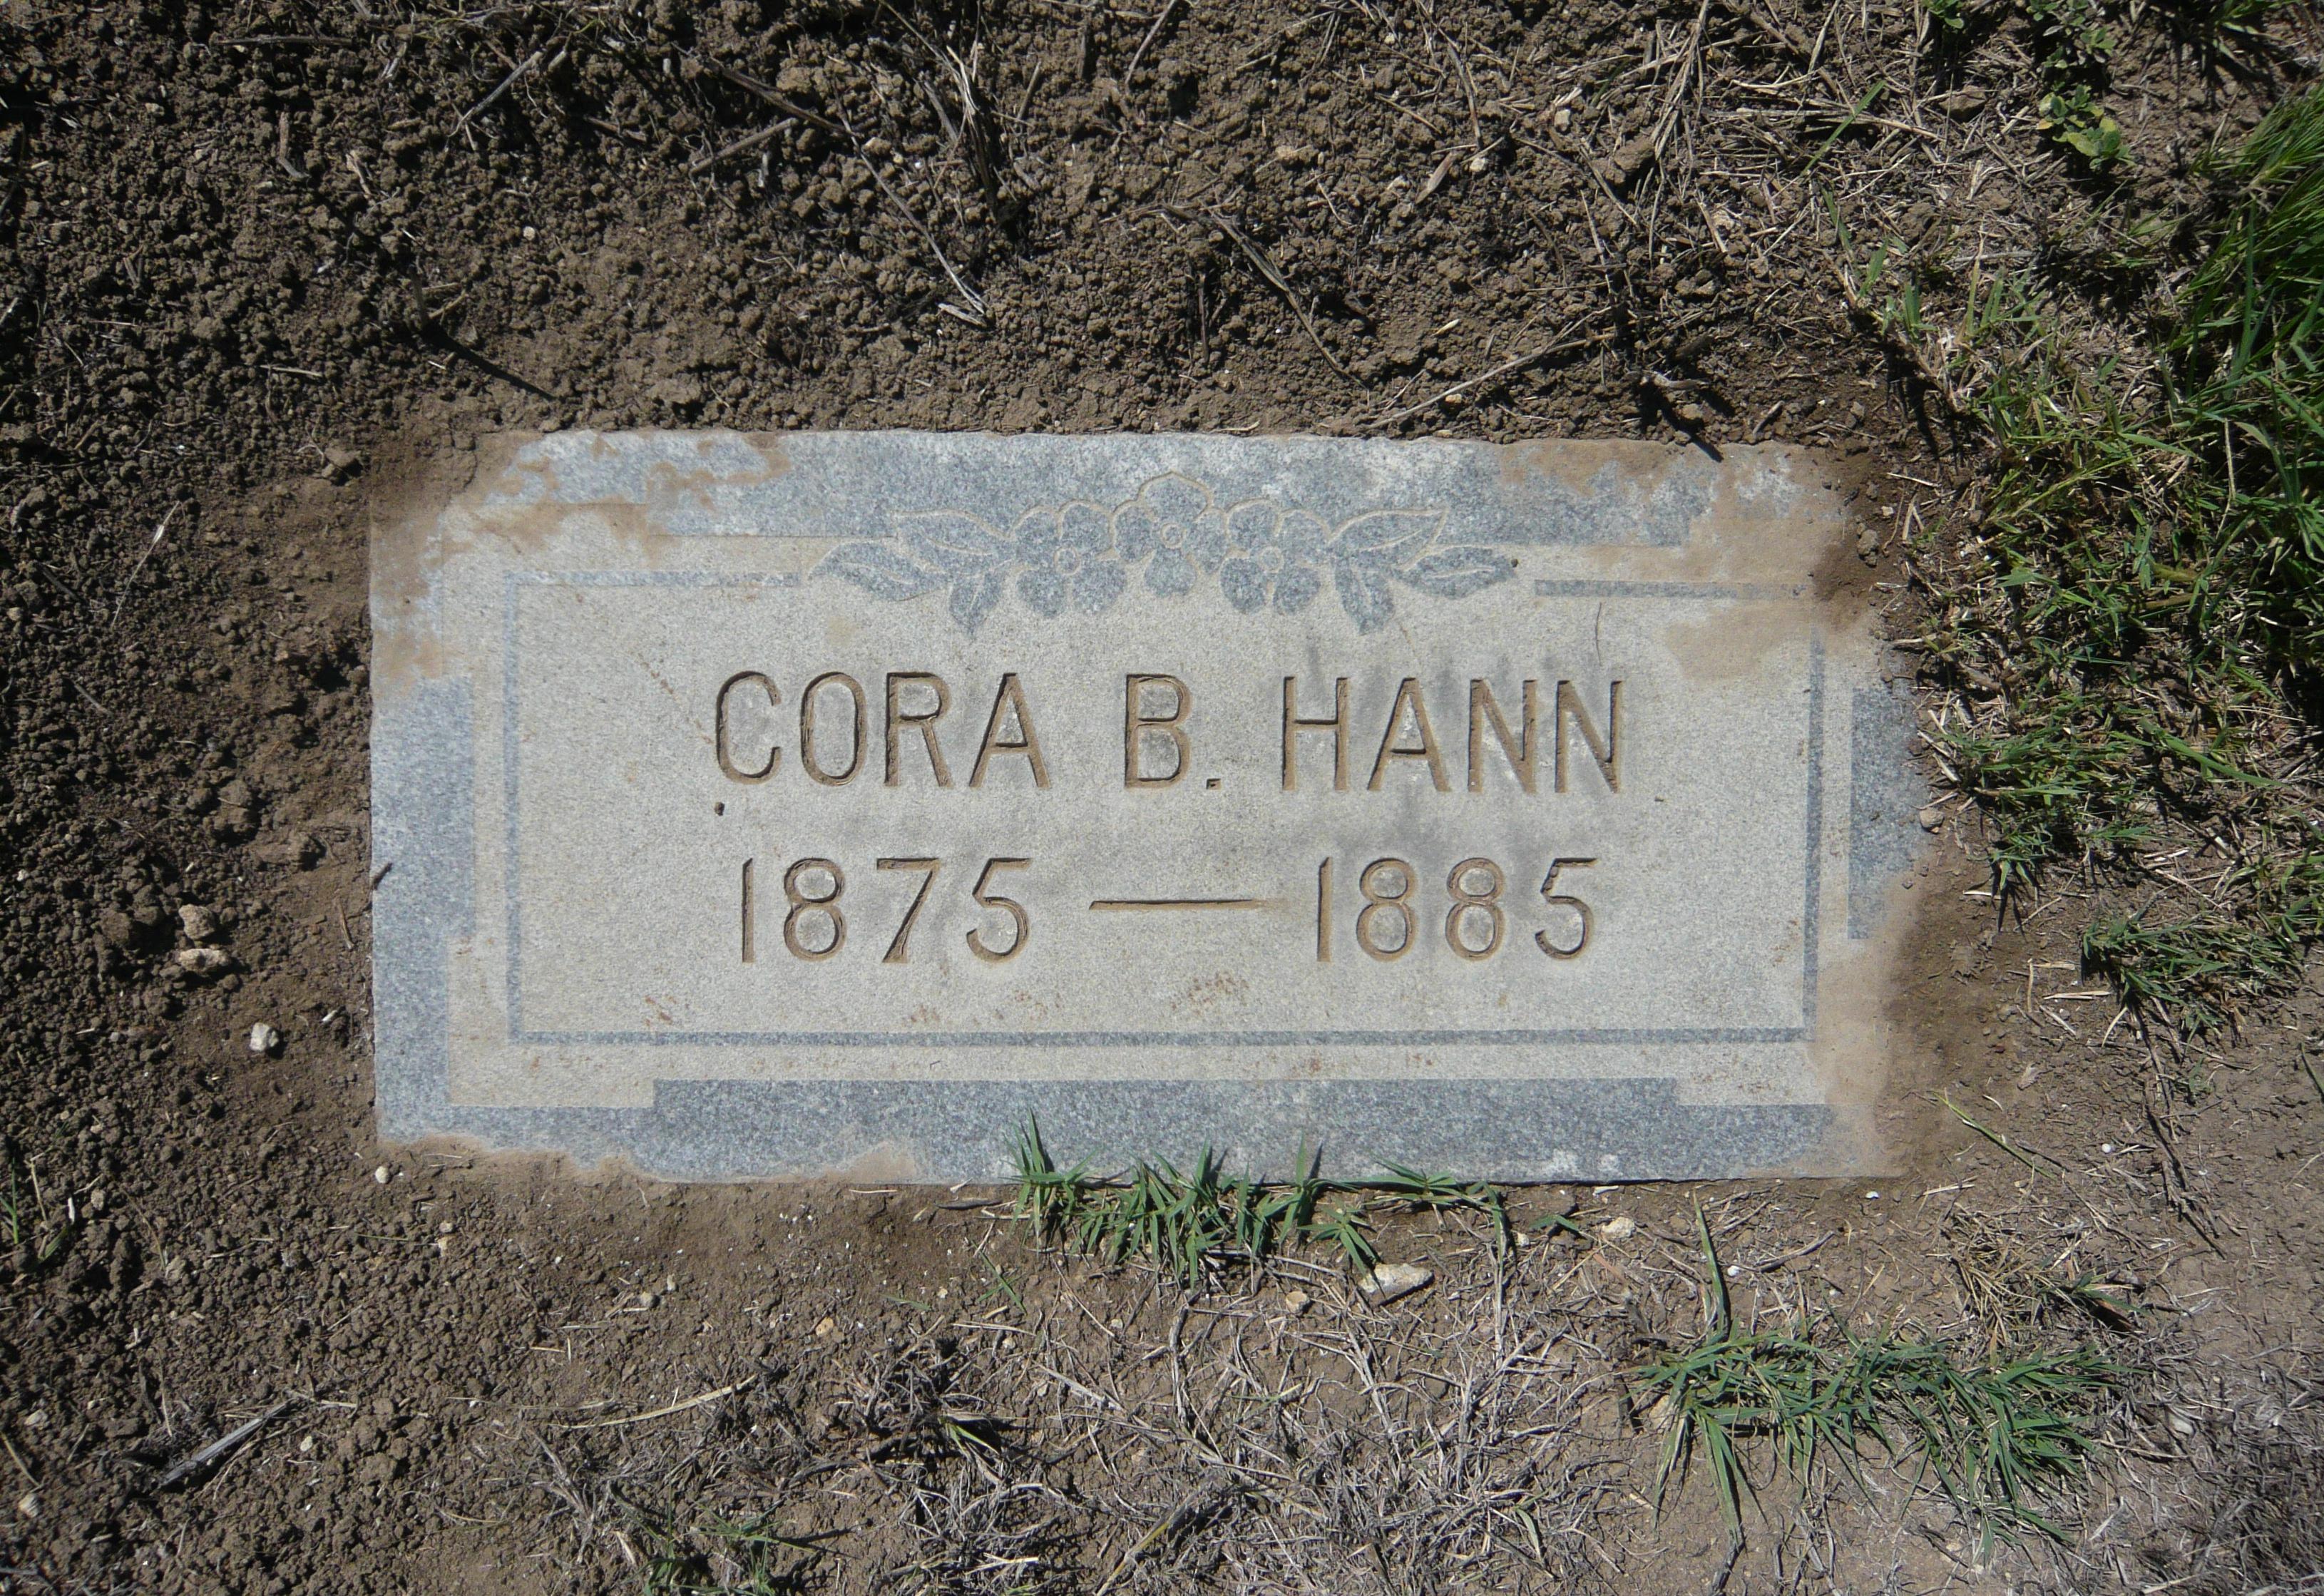 Cora B Hann